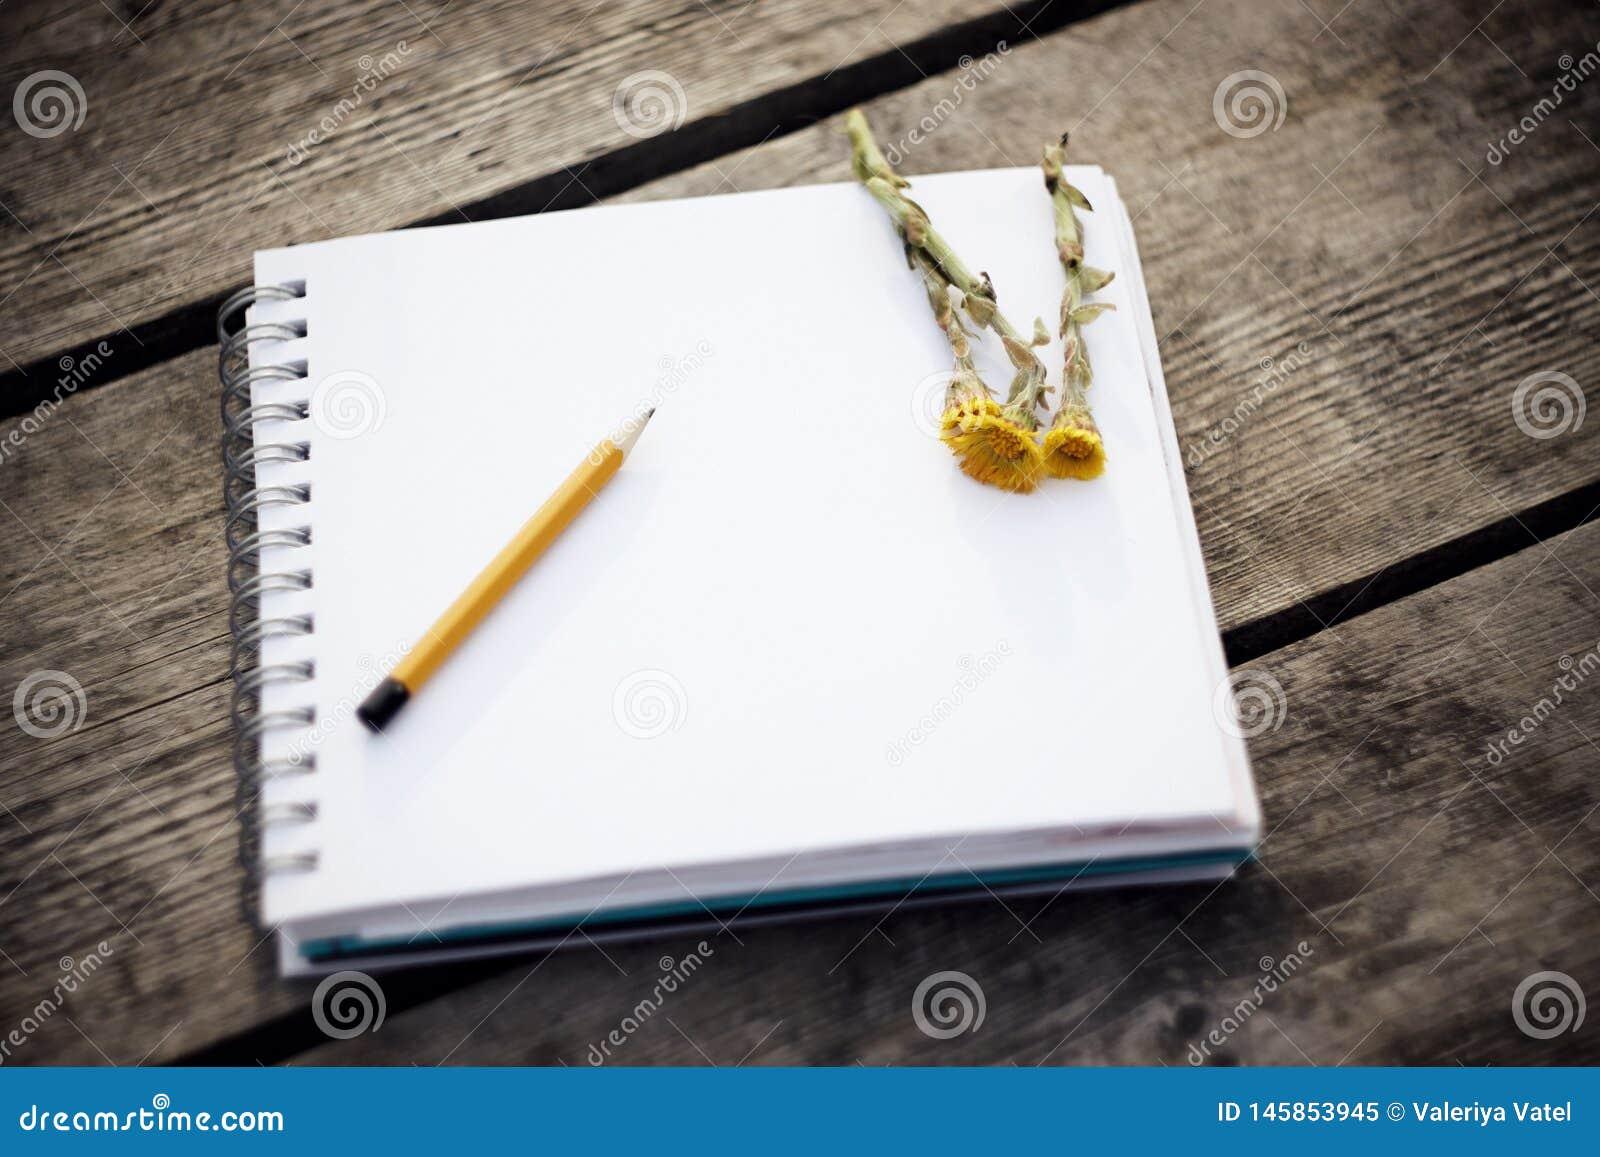 Sur la table il y a un carnet, un crayon et coltsfoot jaune de fleurs